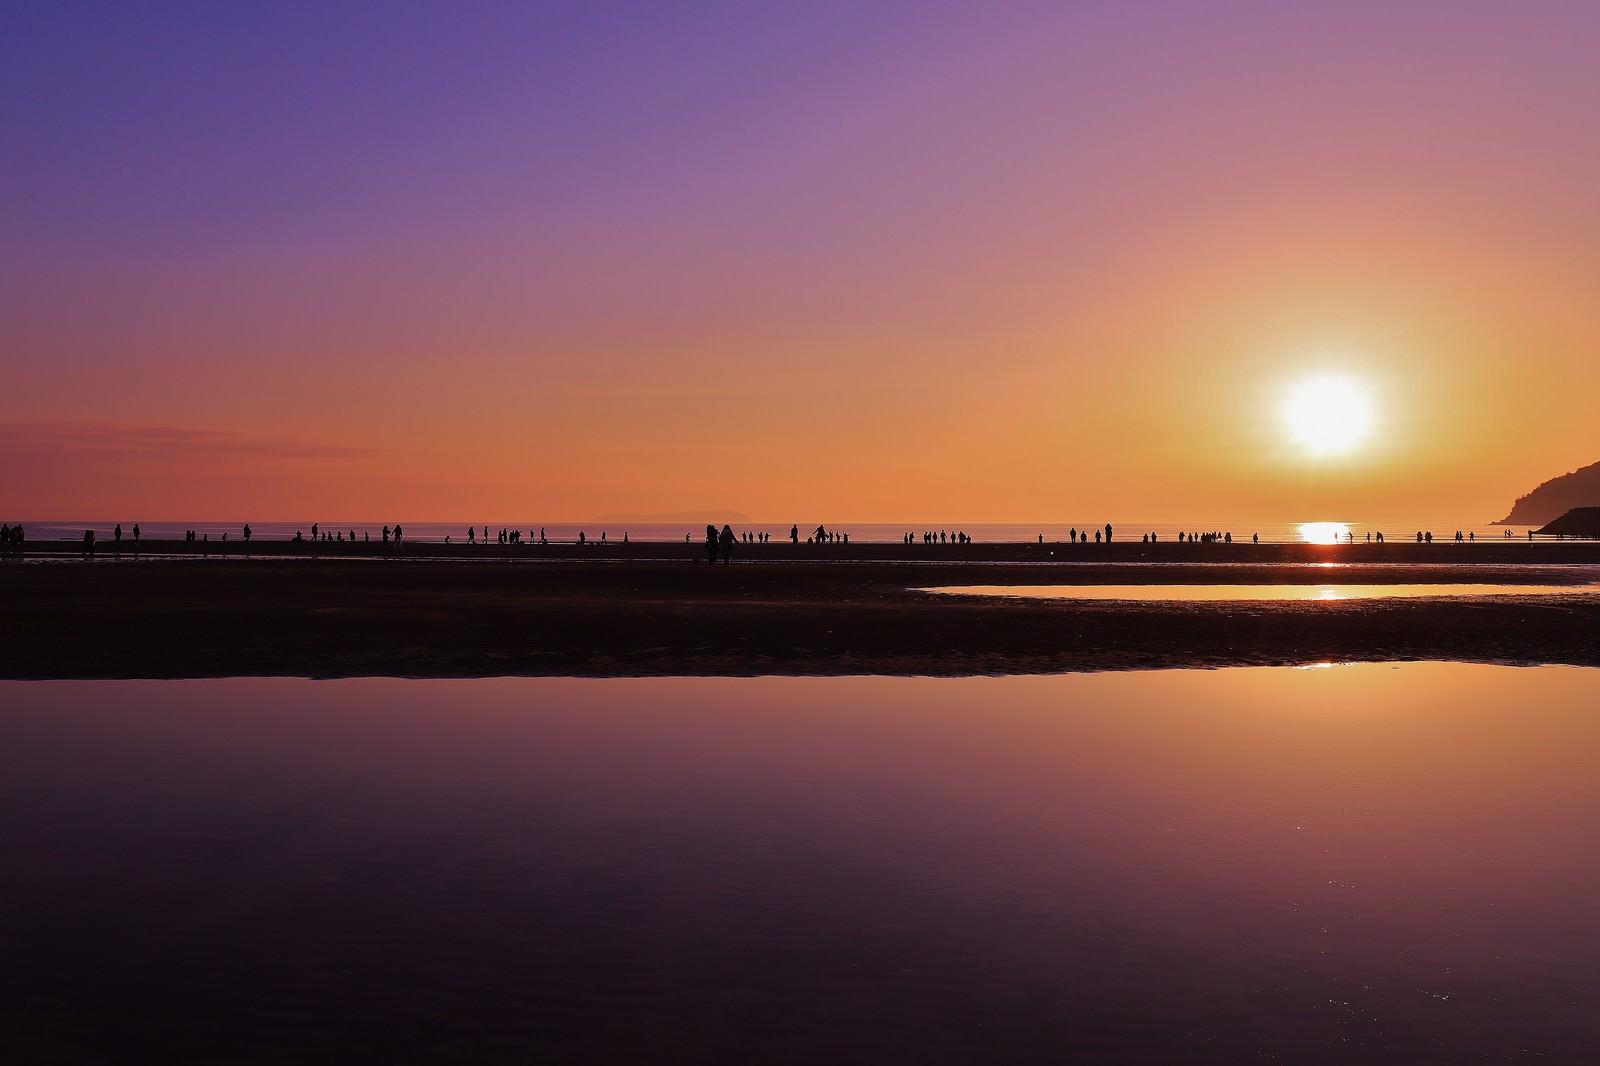 「沈む夕日と浜辺で遊ぶ人々のシルエット」の写真